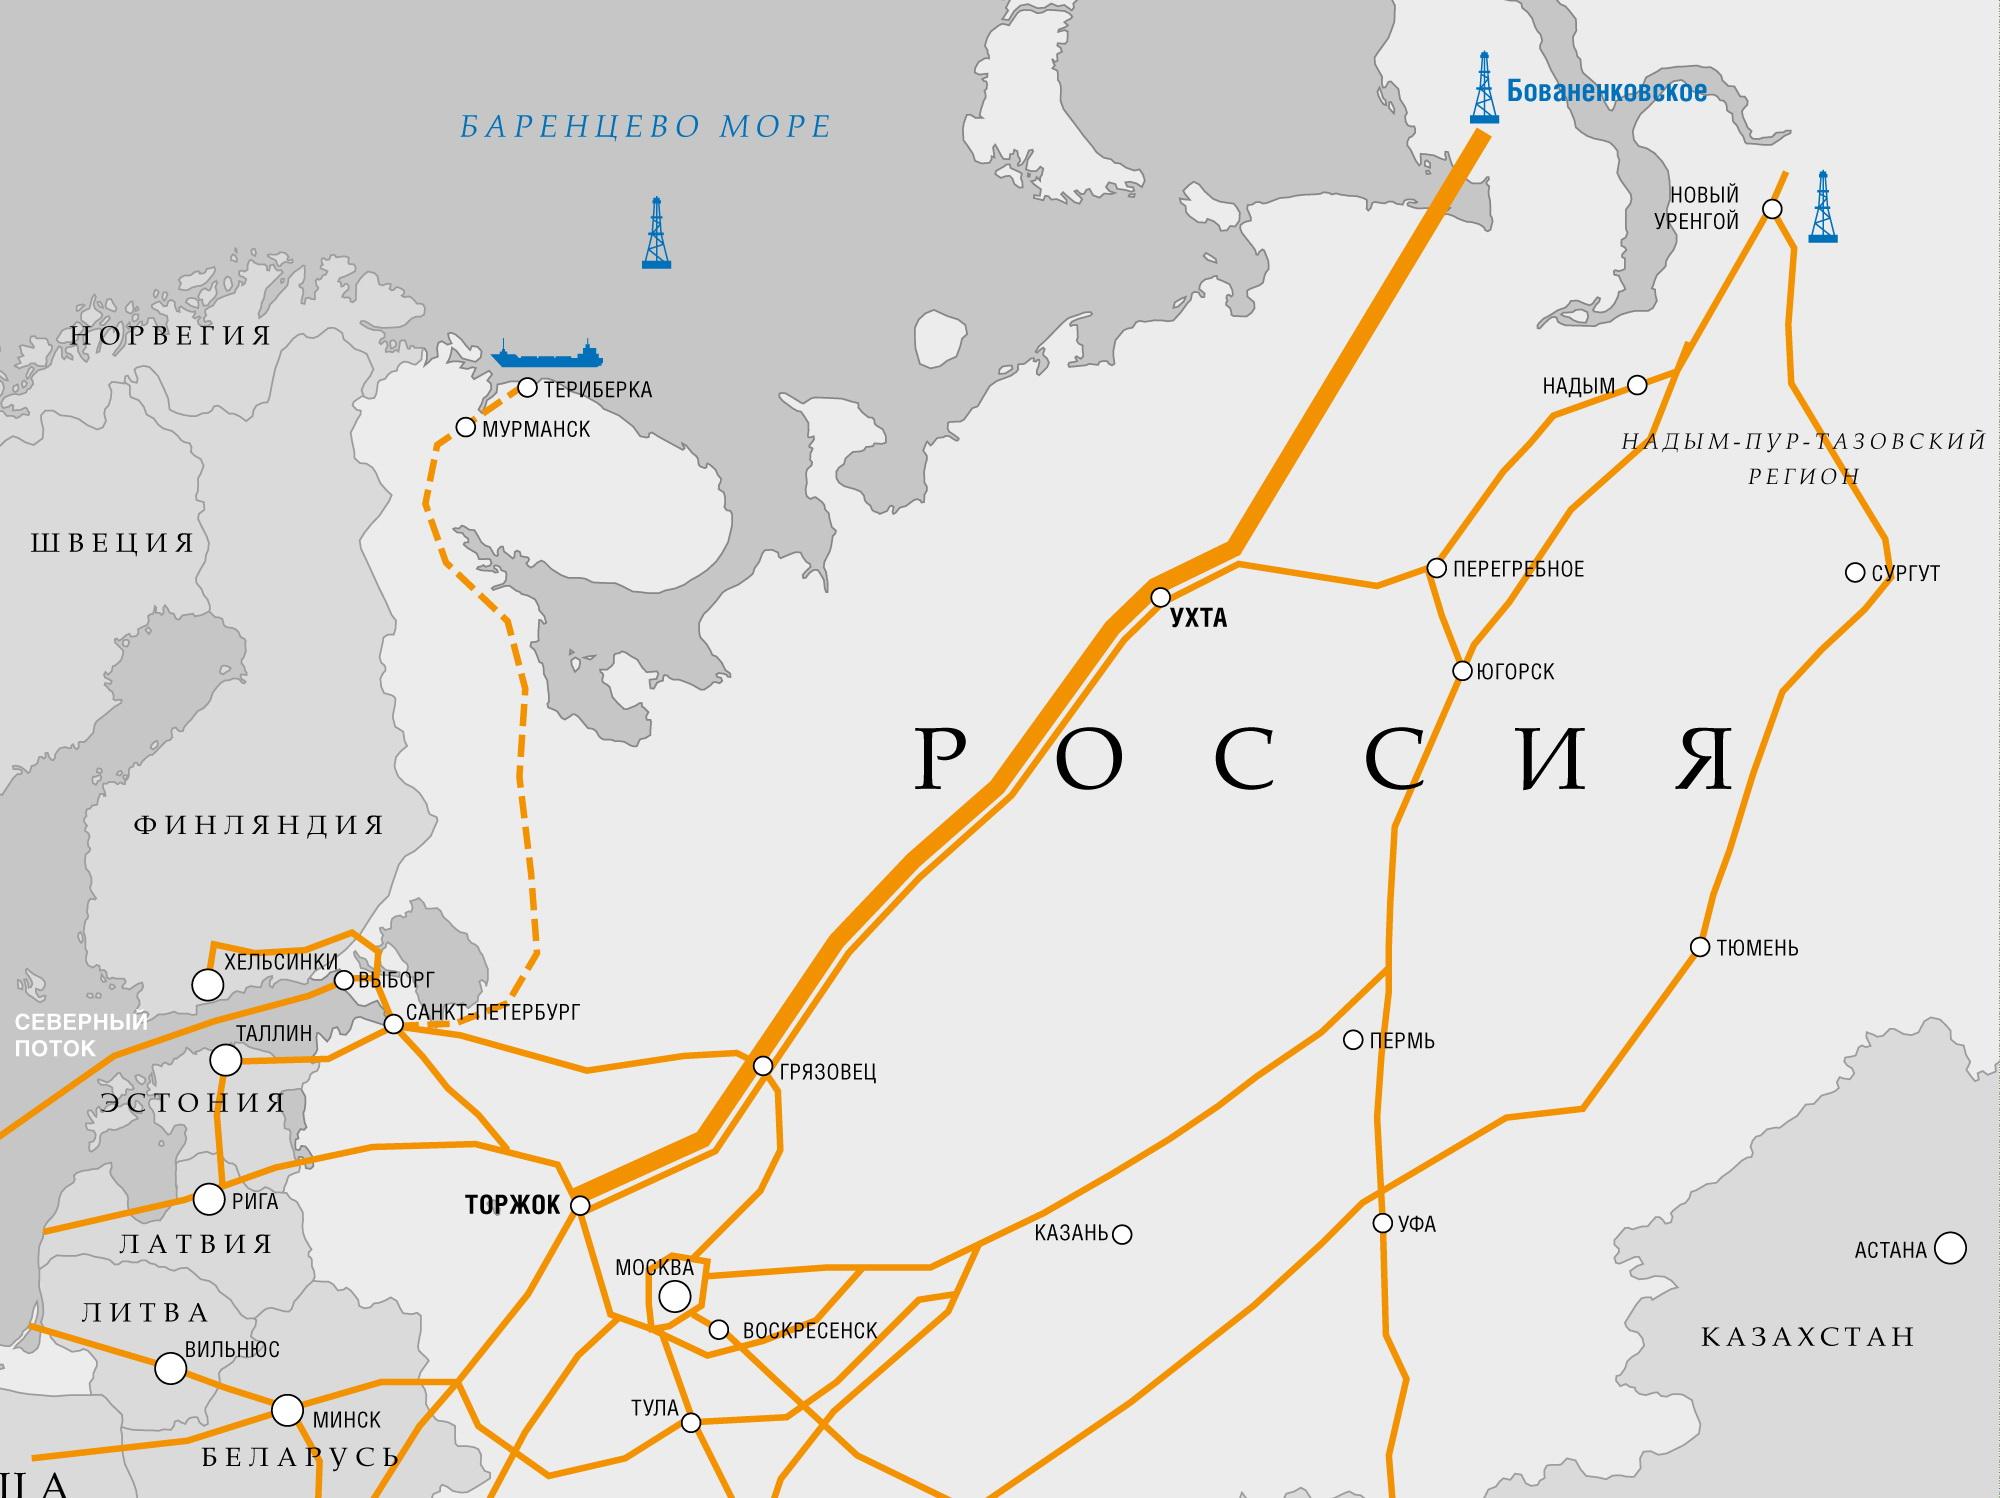 Gazociąg Uchta-Torżok. Źrodło: Gazprom